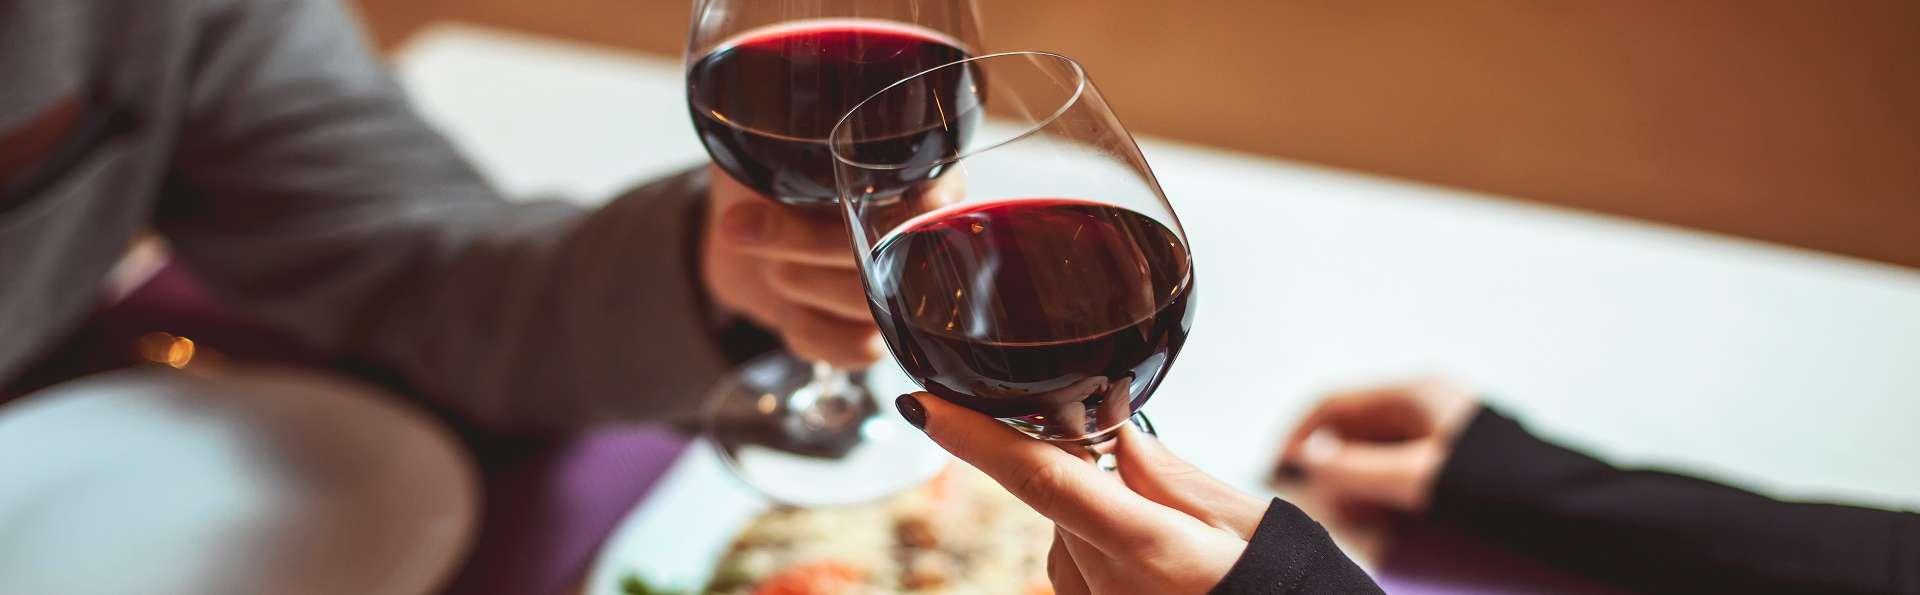 Escapade gourmande avec dîner à Bordeaux dans un hôtel moderne & design